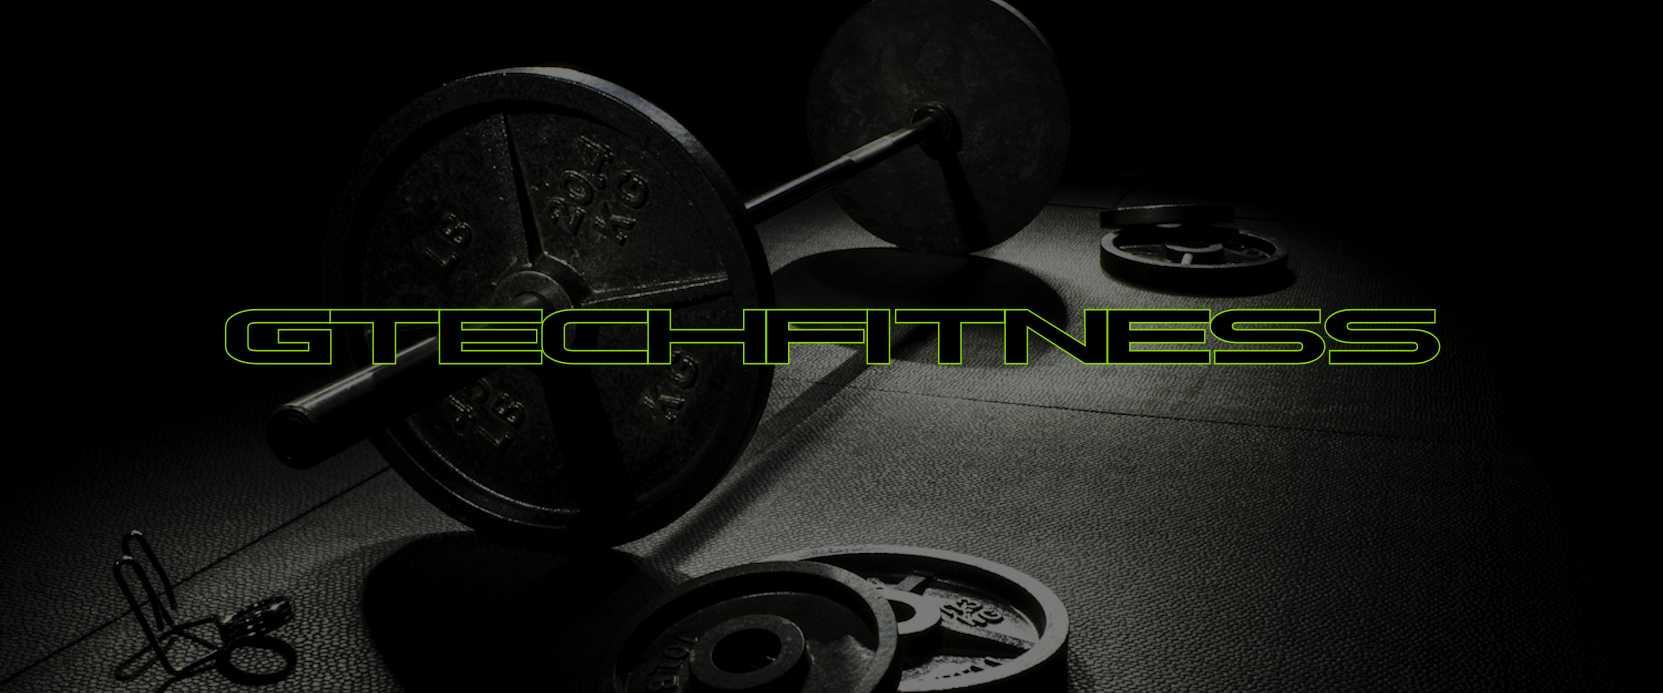 Gtech Fitness